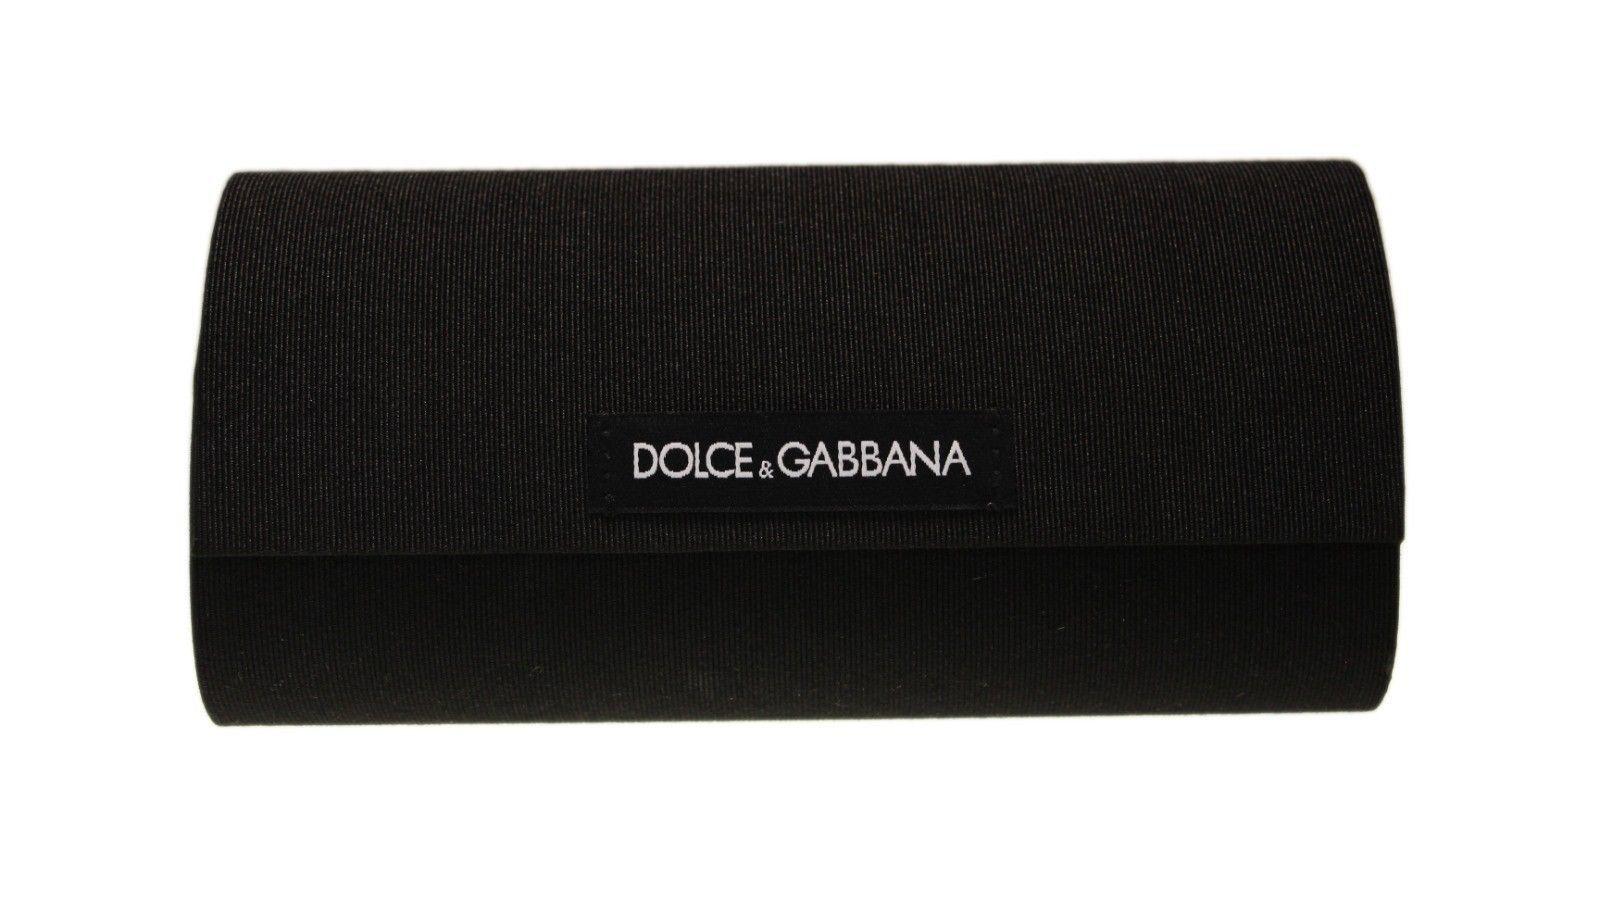 Dolce Gabbana Women Sunglasses DG2179 13128G Black/Gray Gradient Lens 54mm